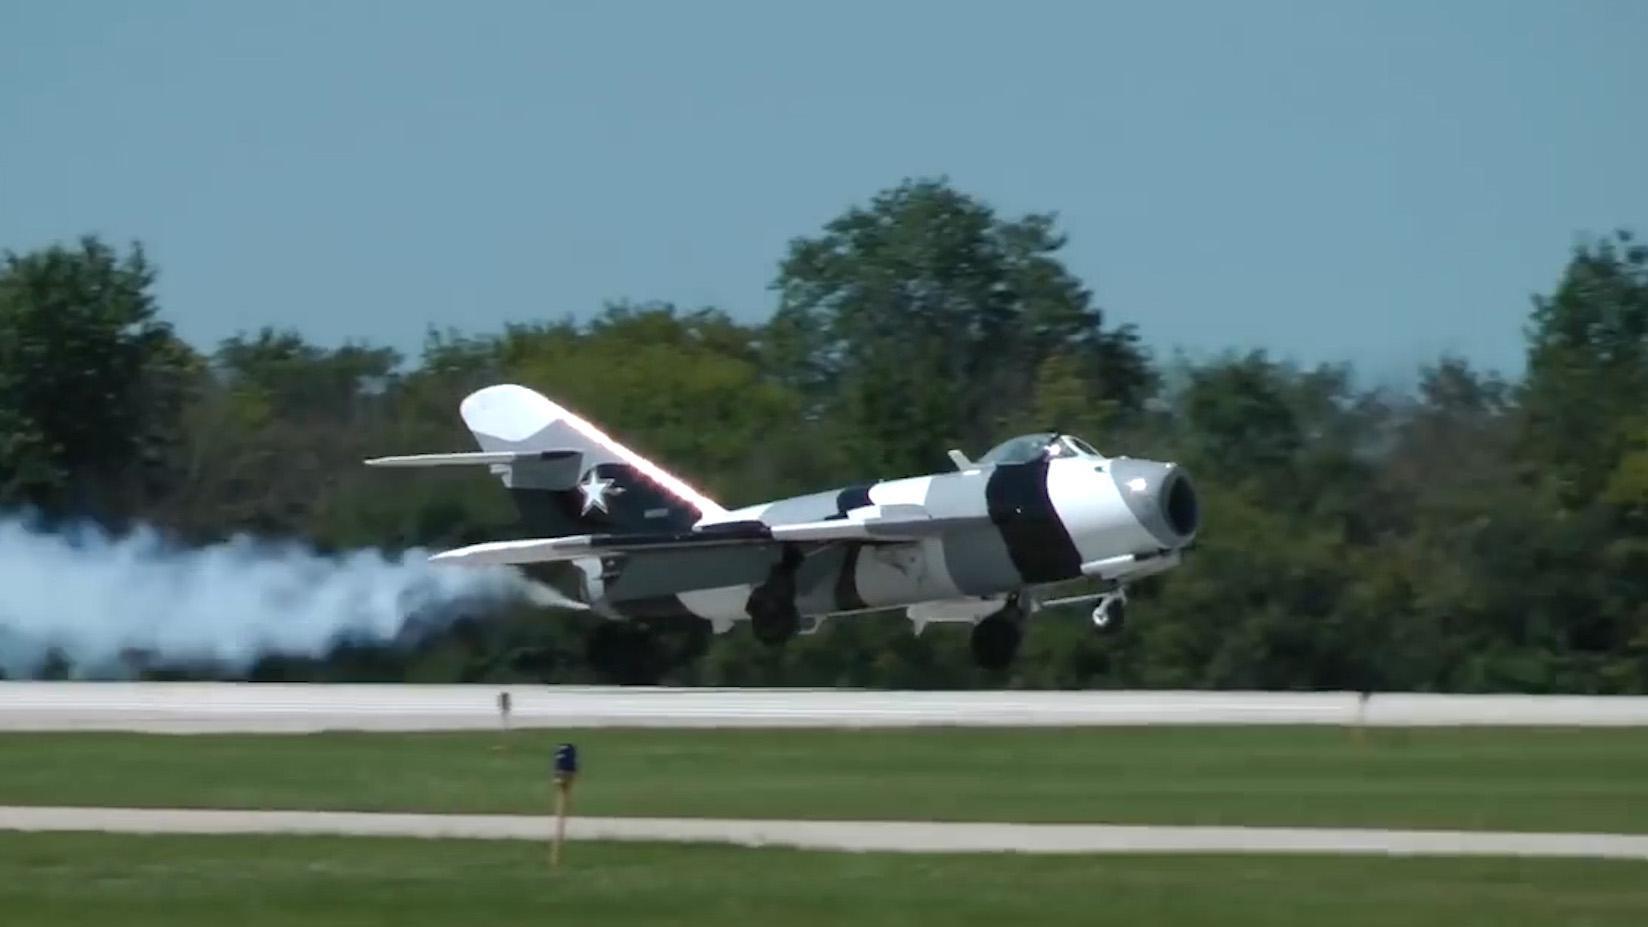 米高扬的米格-17战斗机,与北美航空的F-86战斗机,进行飞行表演